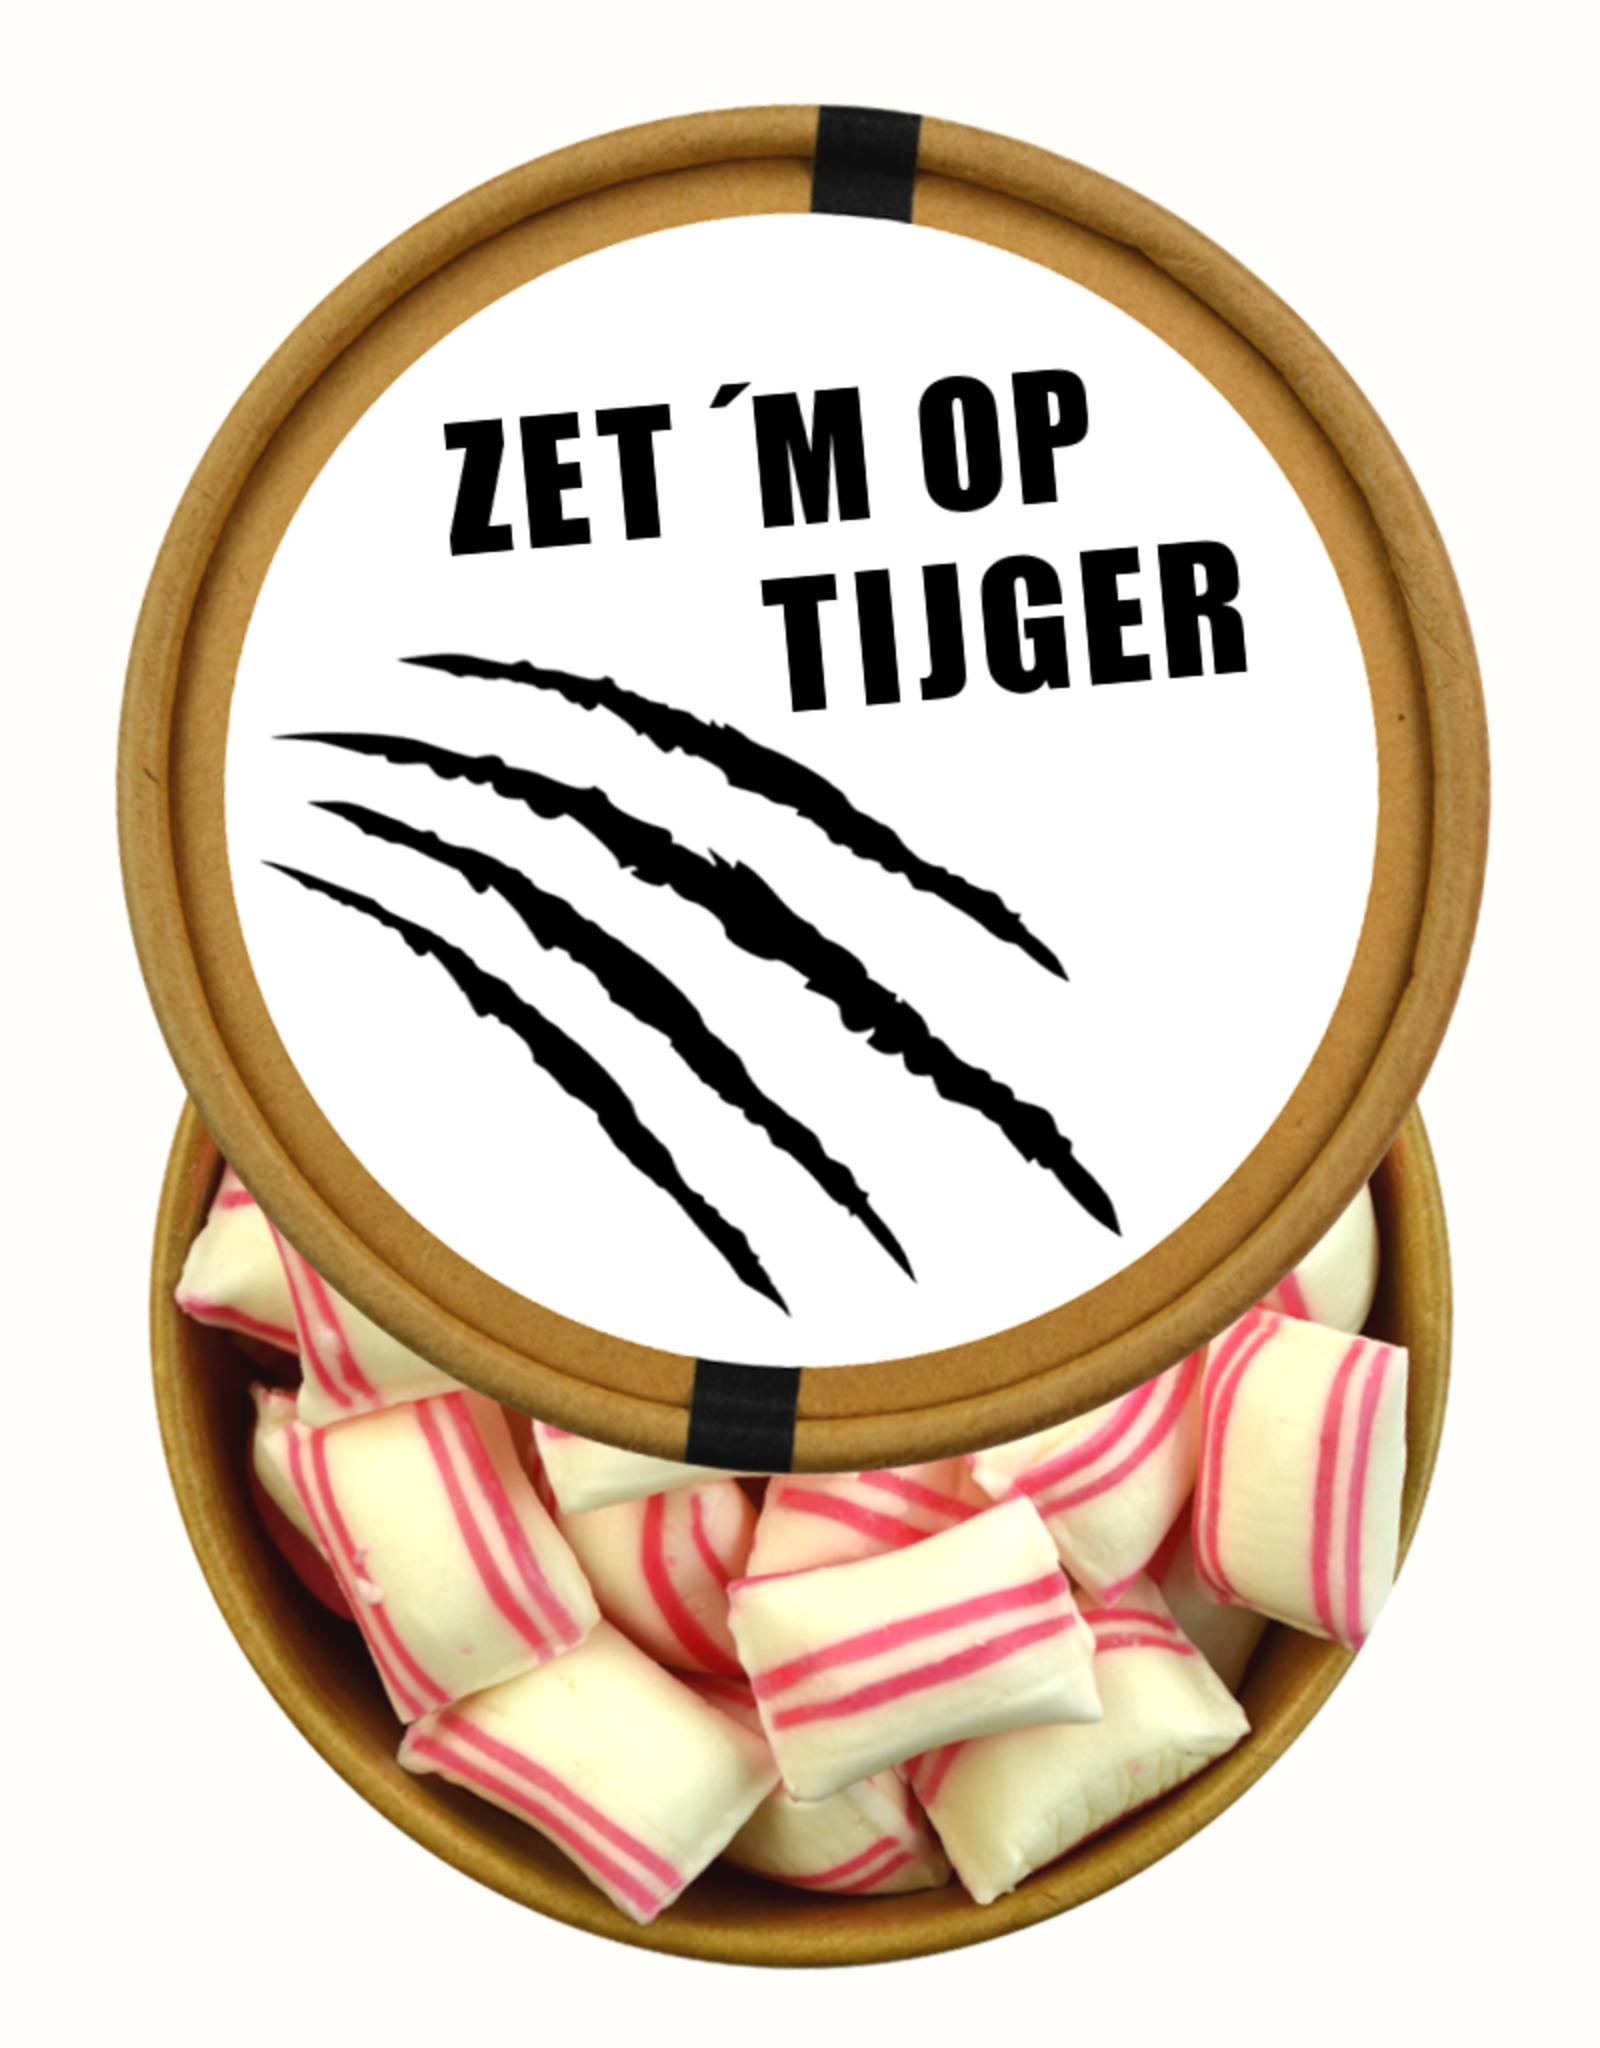 Zet 'm Op Tijger - beker met snoepjes